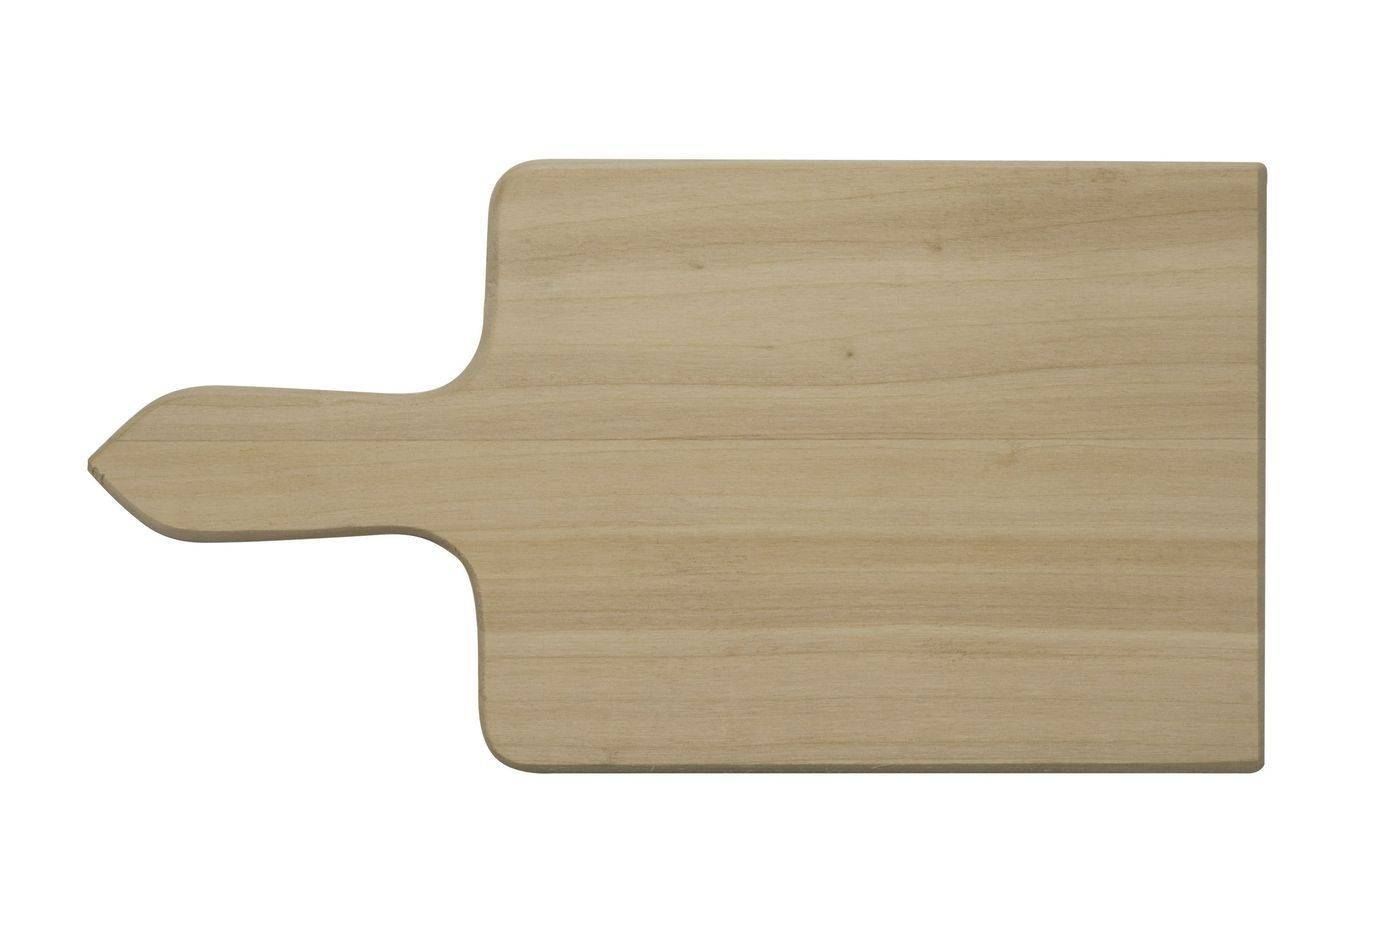 Prkénko s rukojetí na zeleninu, 240 x 135 x 12 mm - Dřevovýroba Otradov